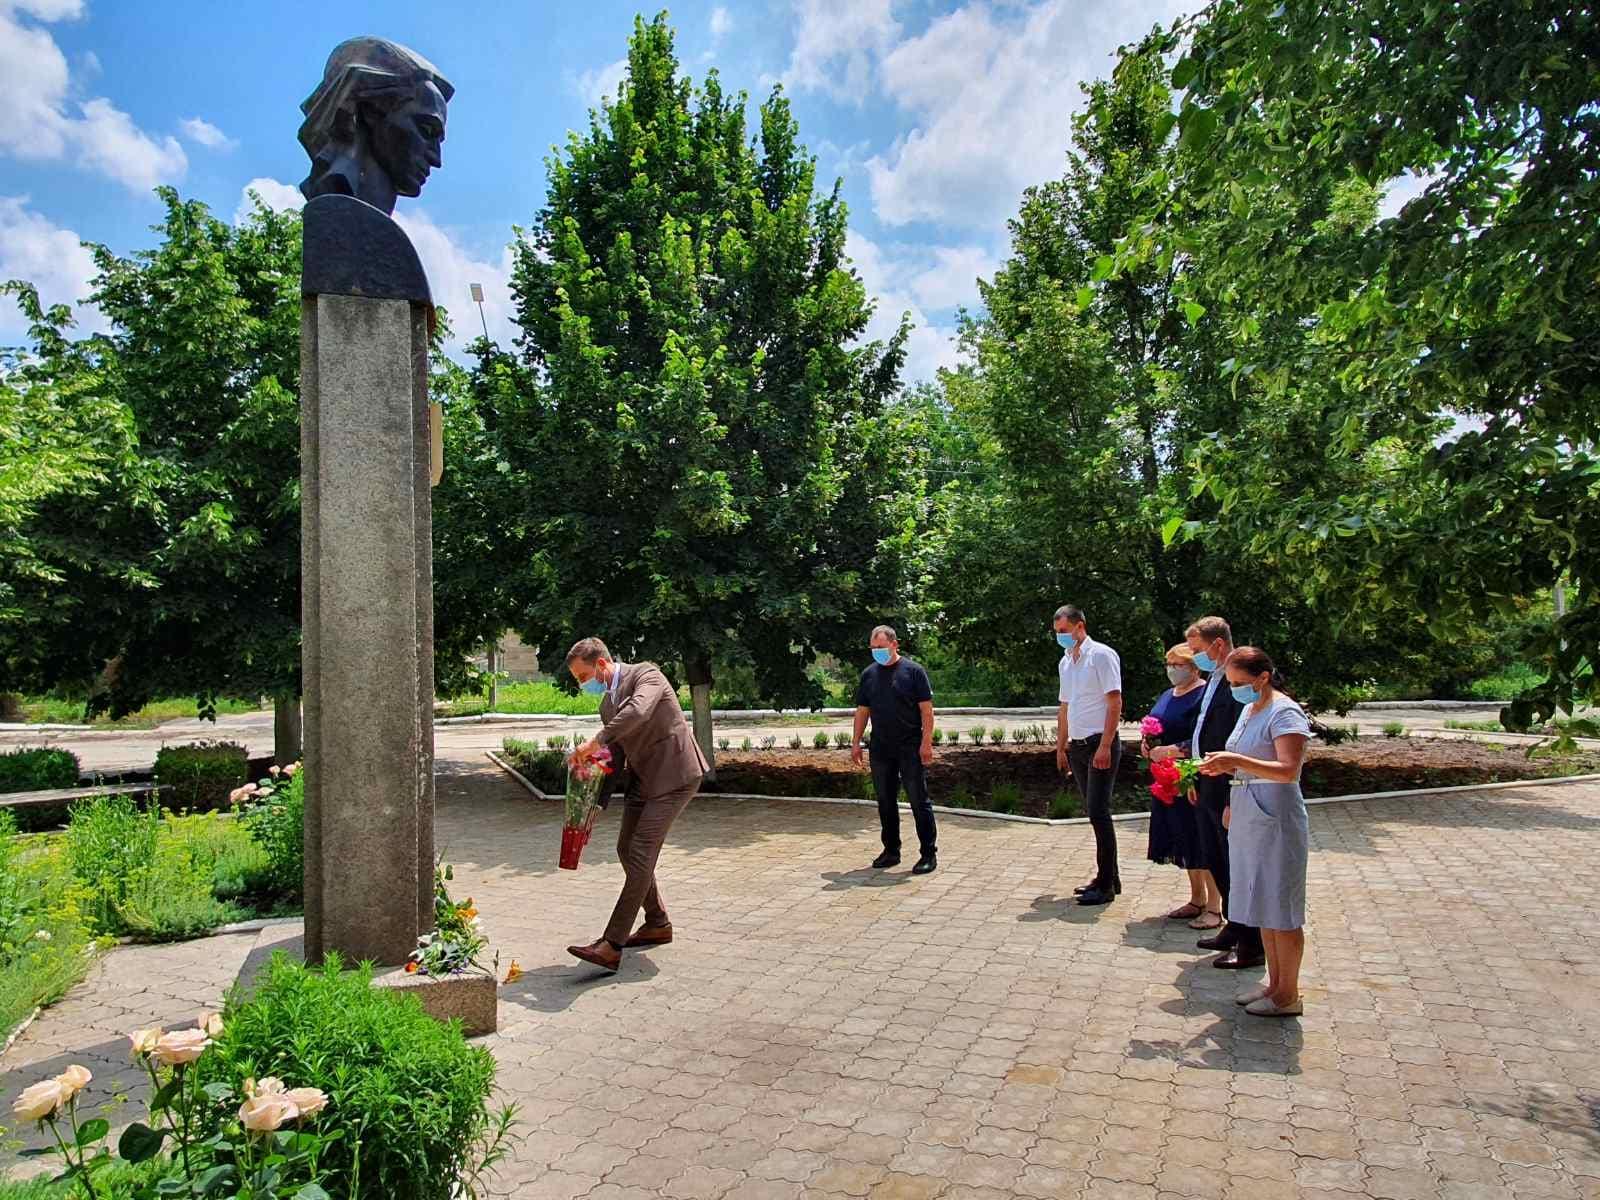 15 iunie 2020 – 131 ani de la trecerea în eternitate a Luceafărului Poeziei Românești – Mihai Eminescu